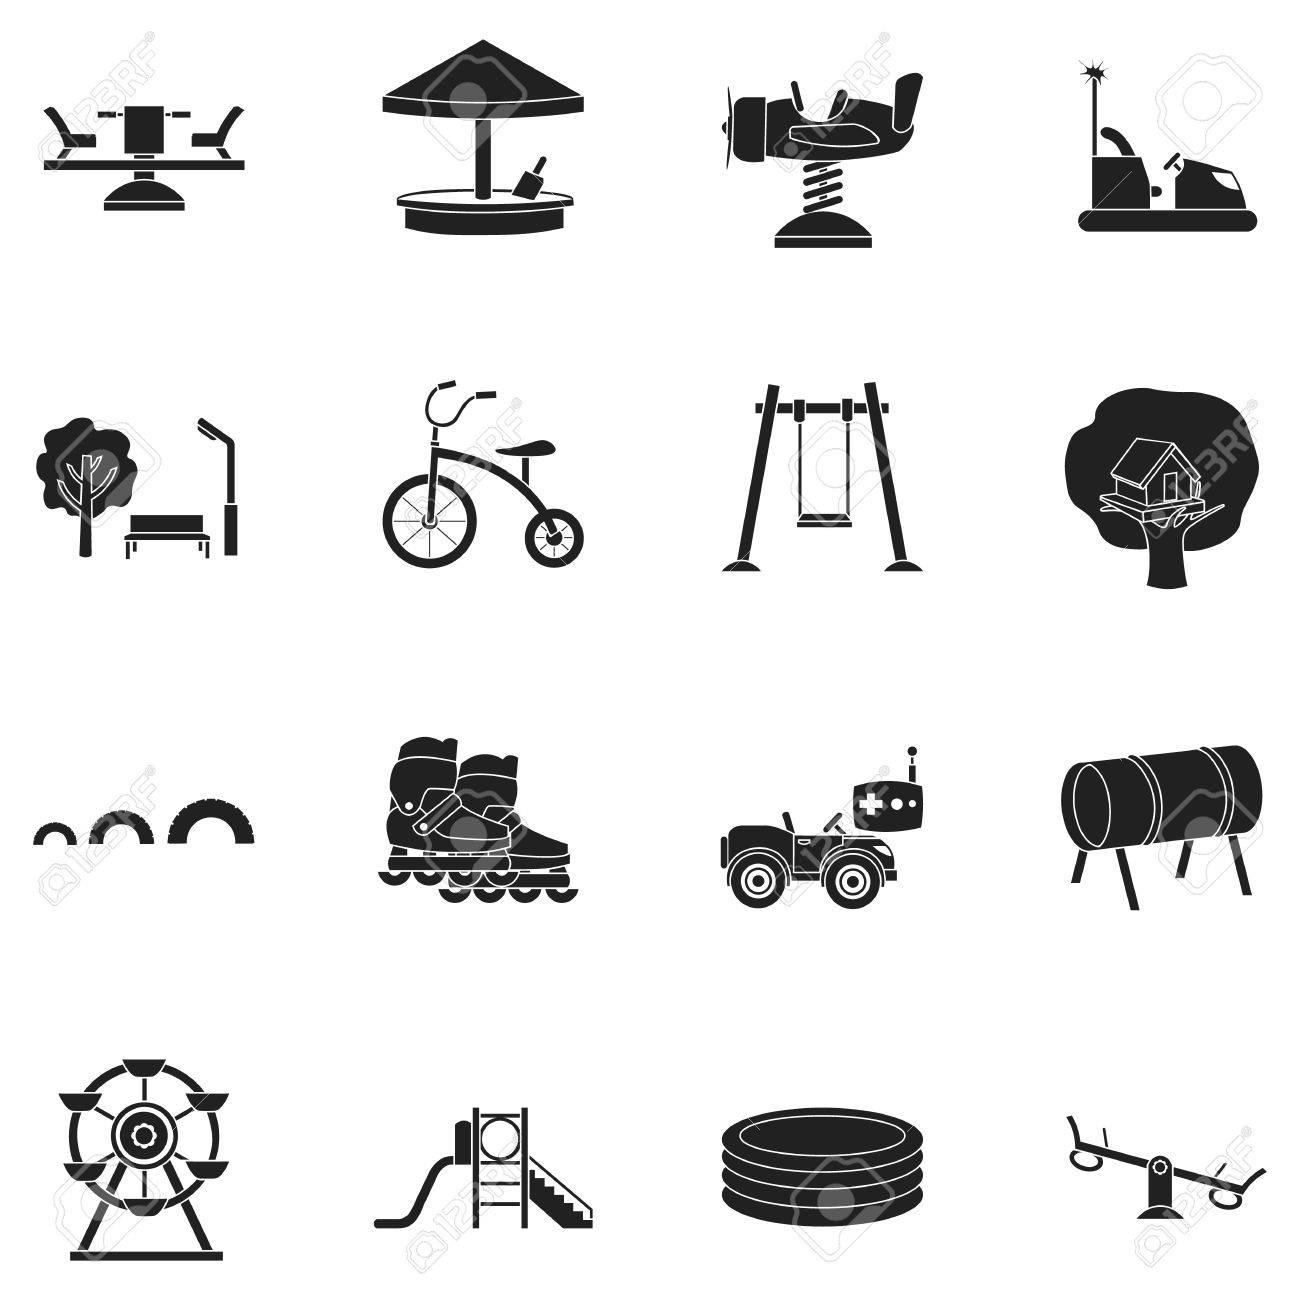 Juega iconos juego de jardín de estilo negro. Gran colección de juegos de  jardín símbolo vector stock